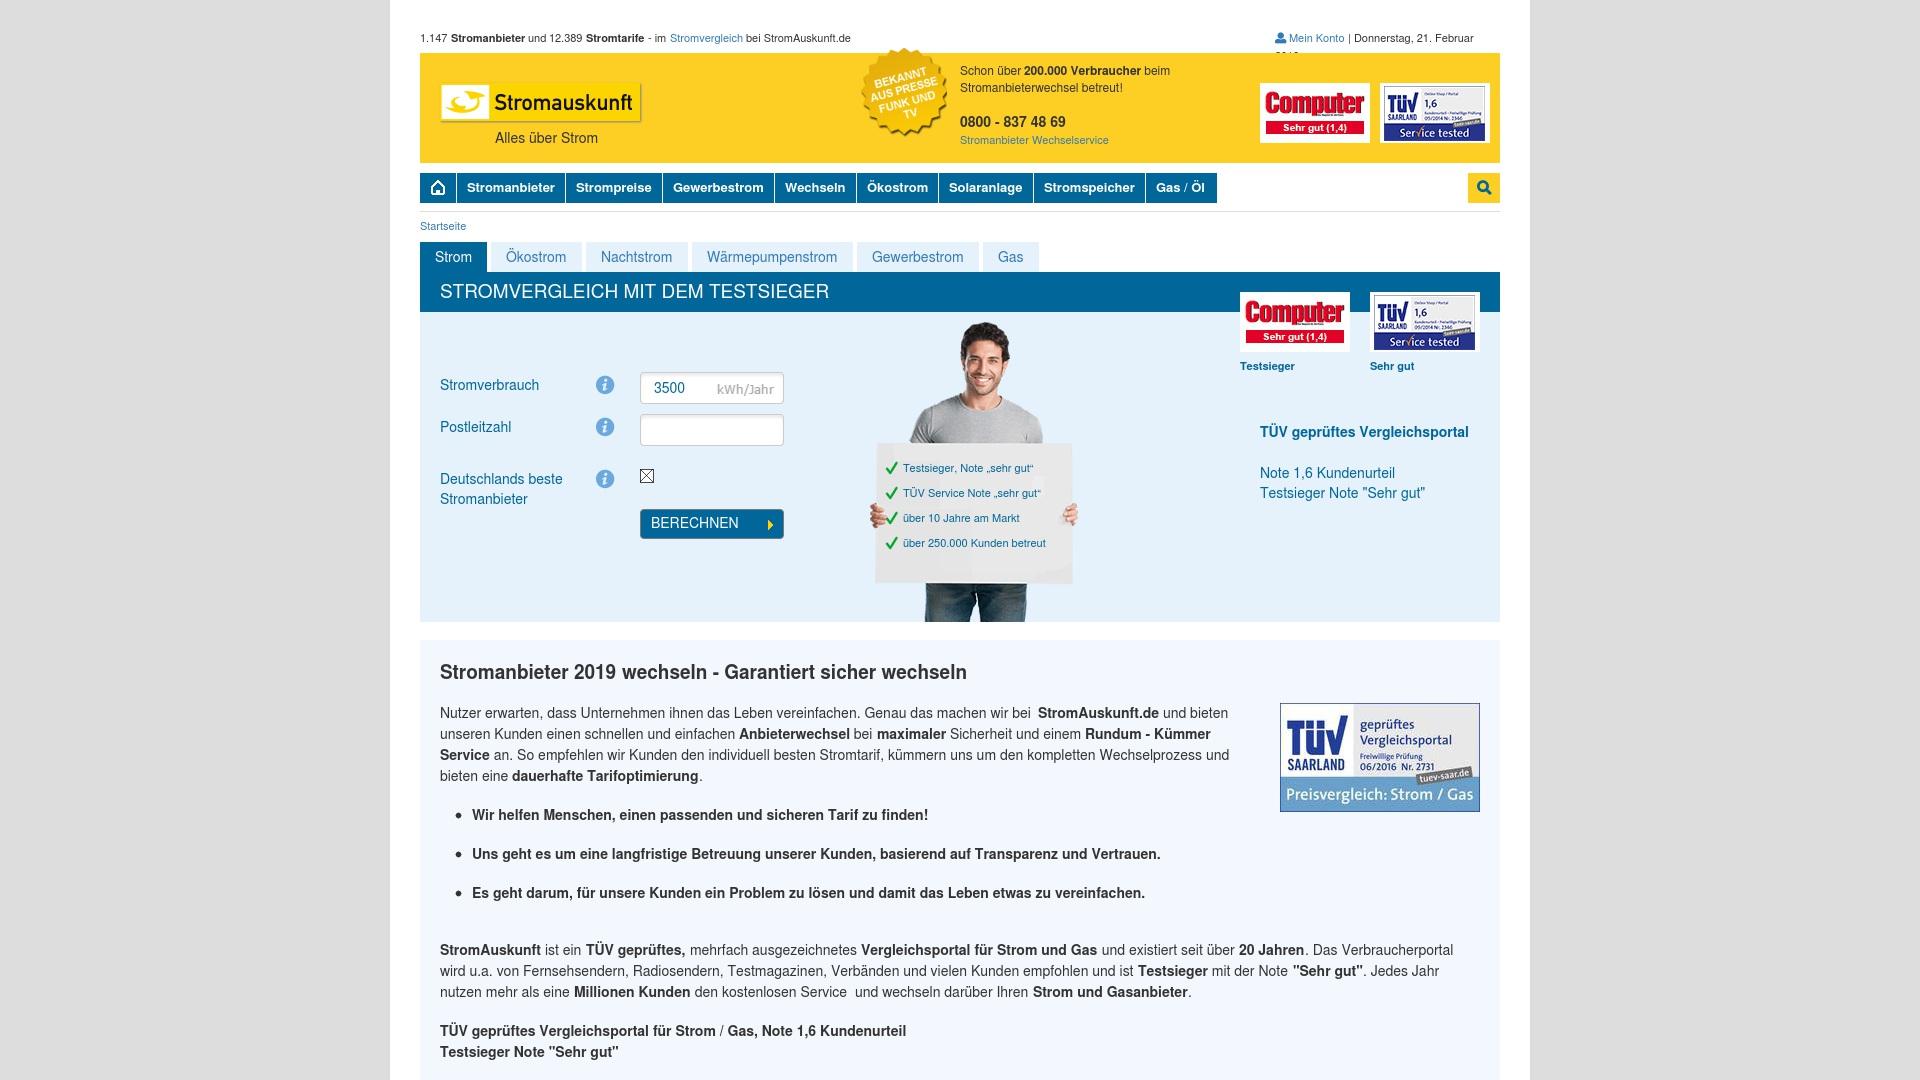 Gutschein für Stromauskunft: Rabatte für  Stromauskunft sichern